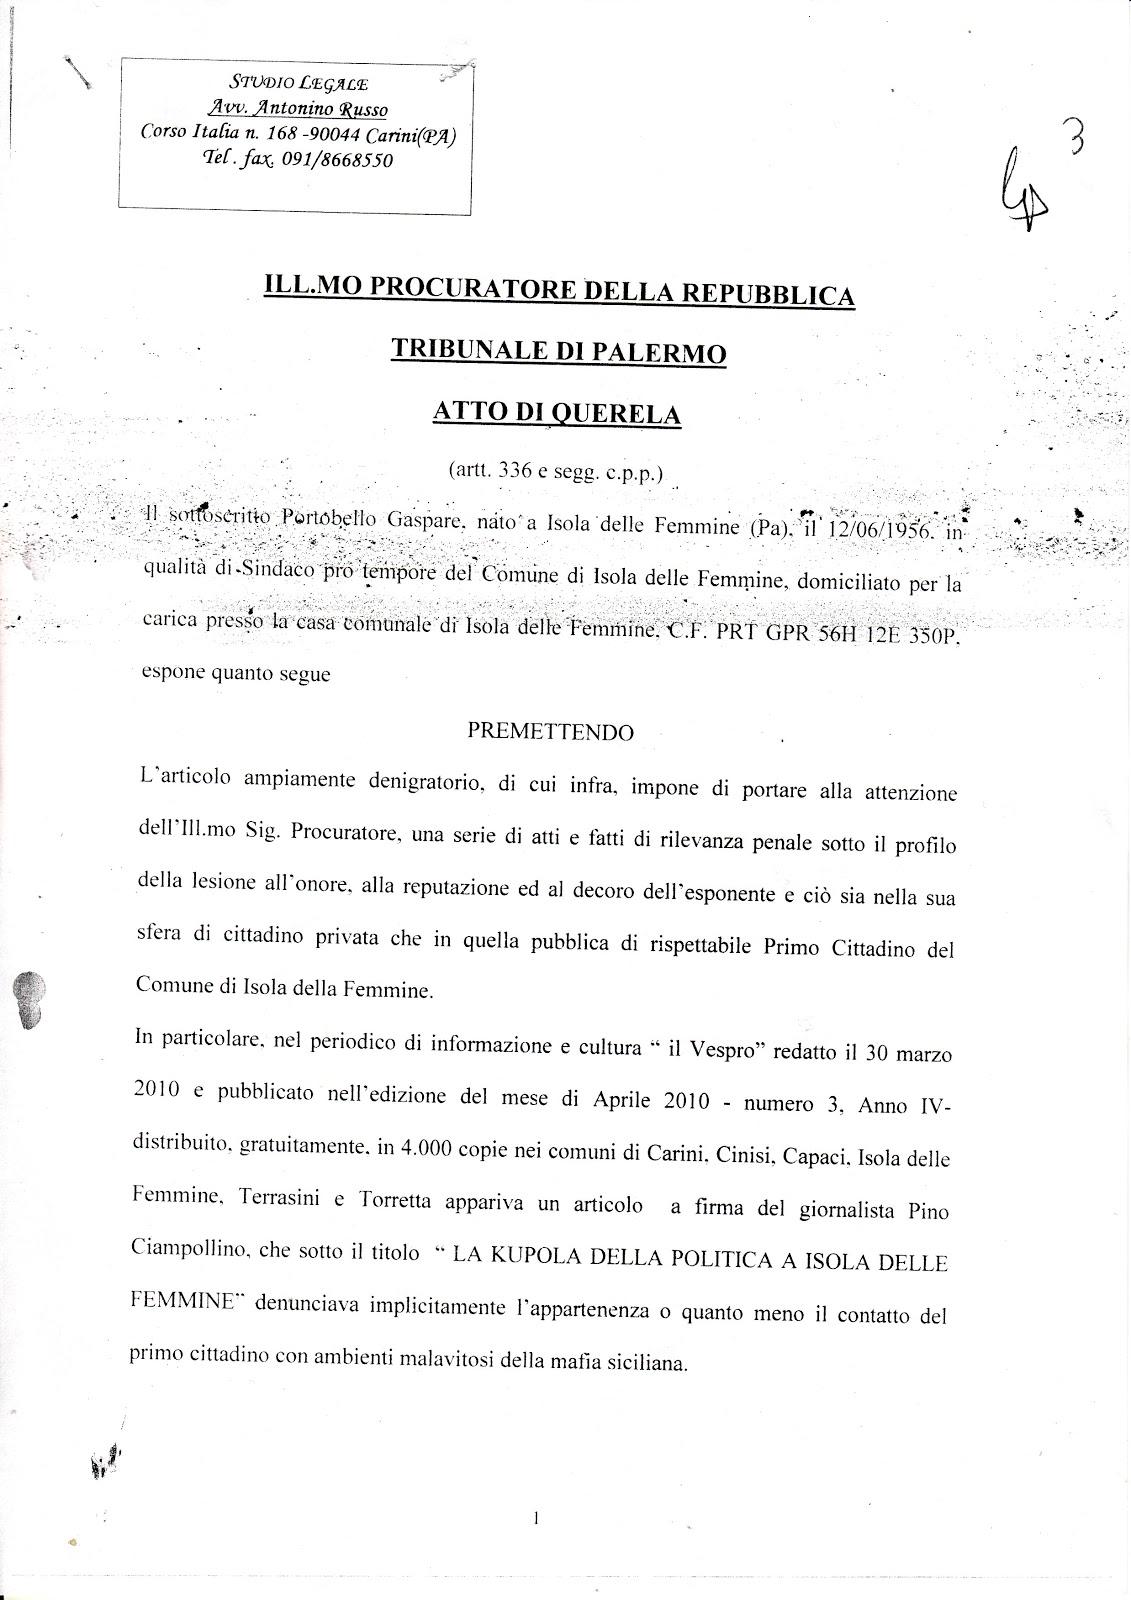 Calendario Raccolta Differenziata Cinisi 2019.Nuova Isola Delle Femmine Isola Delle Femmine Il Ministro